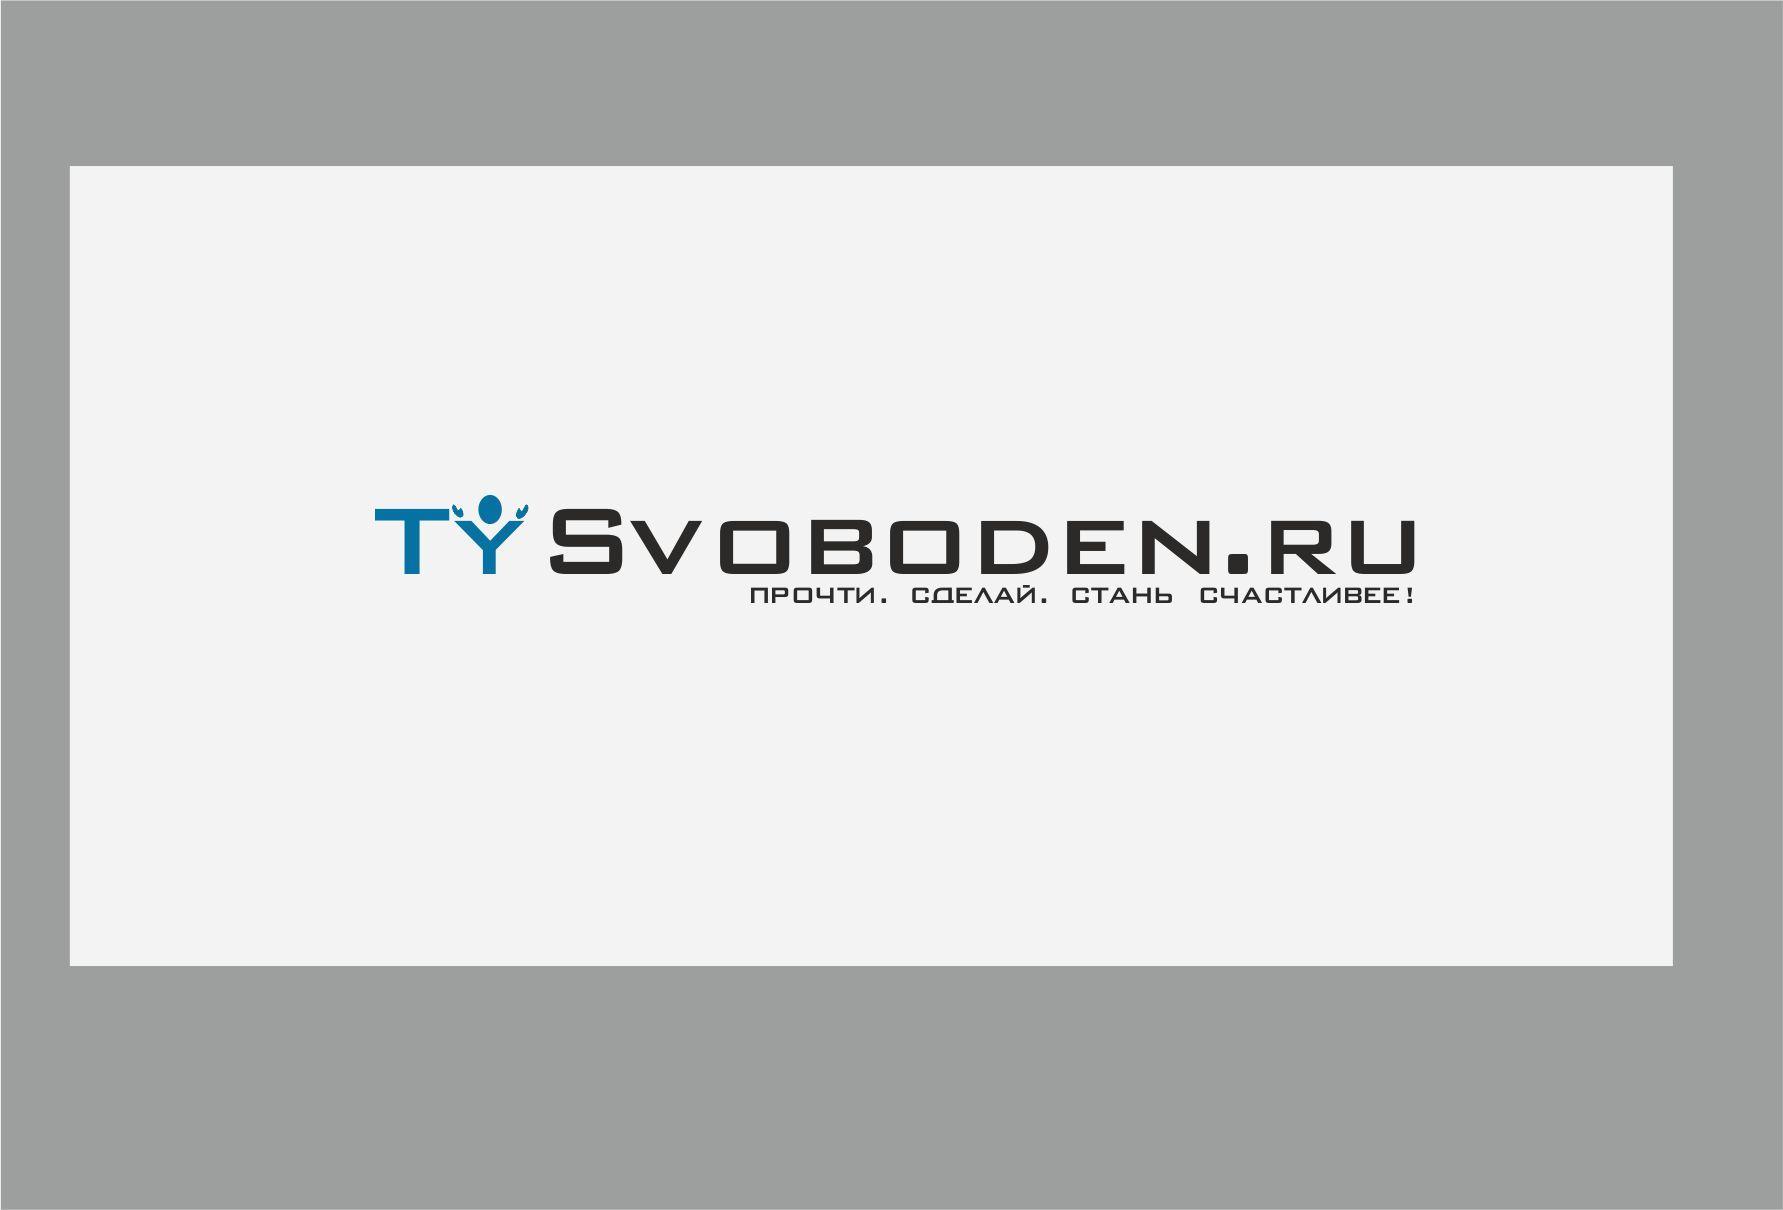 Разработка логотипа для социального проекта - дизайнер dbyjuhfl